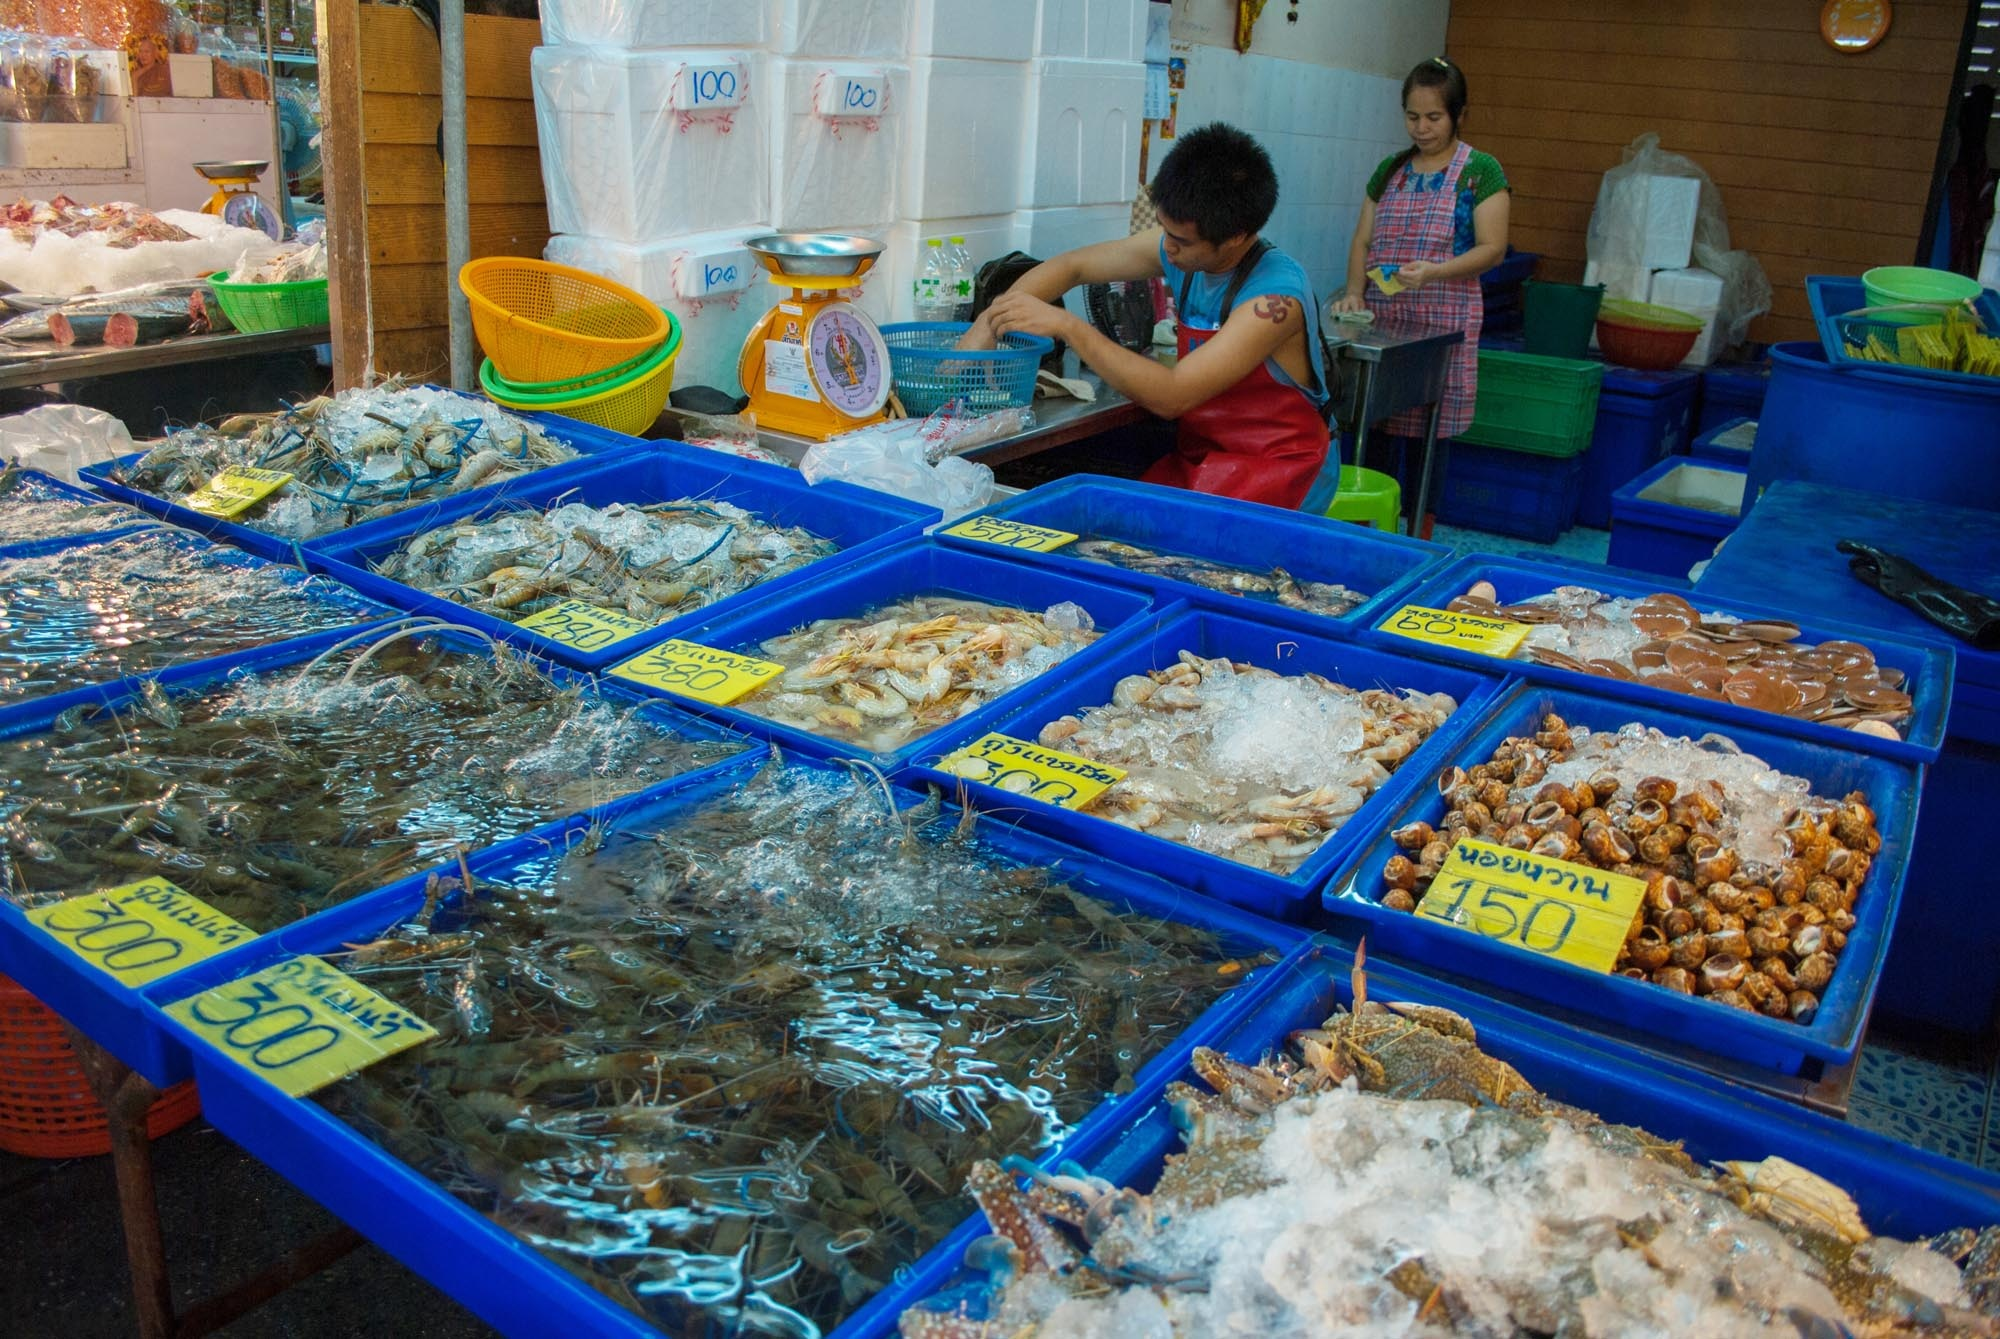 Рыбные рынки москвы 5 фотография